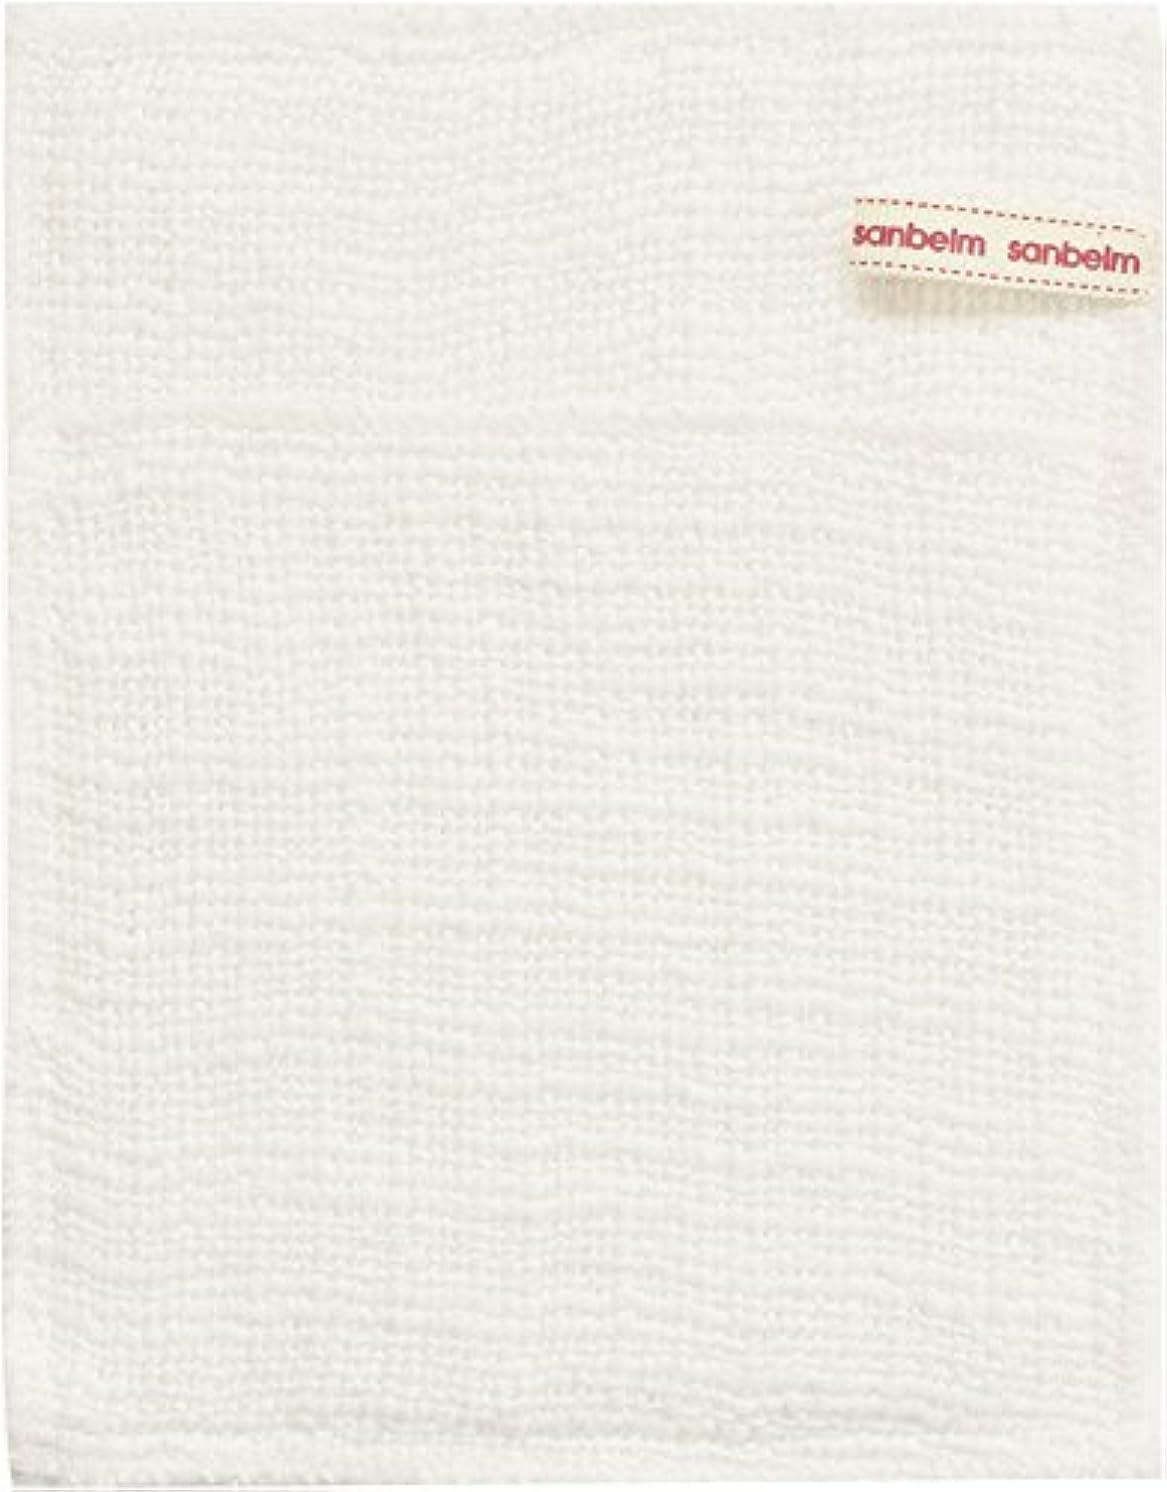 他の場所読む社会主義サンベルム (SANBELM) お風呂 体洗い 綿100%生地使用 ボディタオル ホワイト 約16x21cm ボディケアミトン  B34613